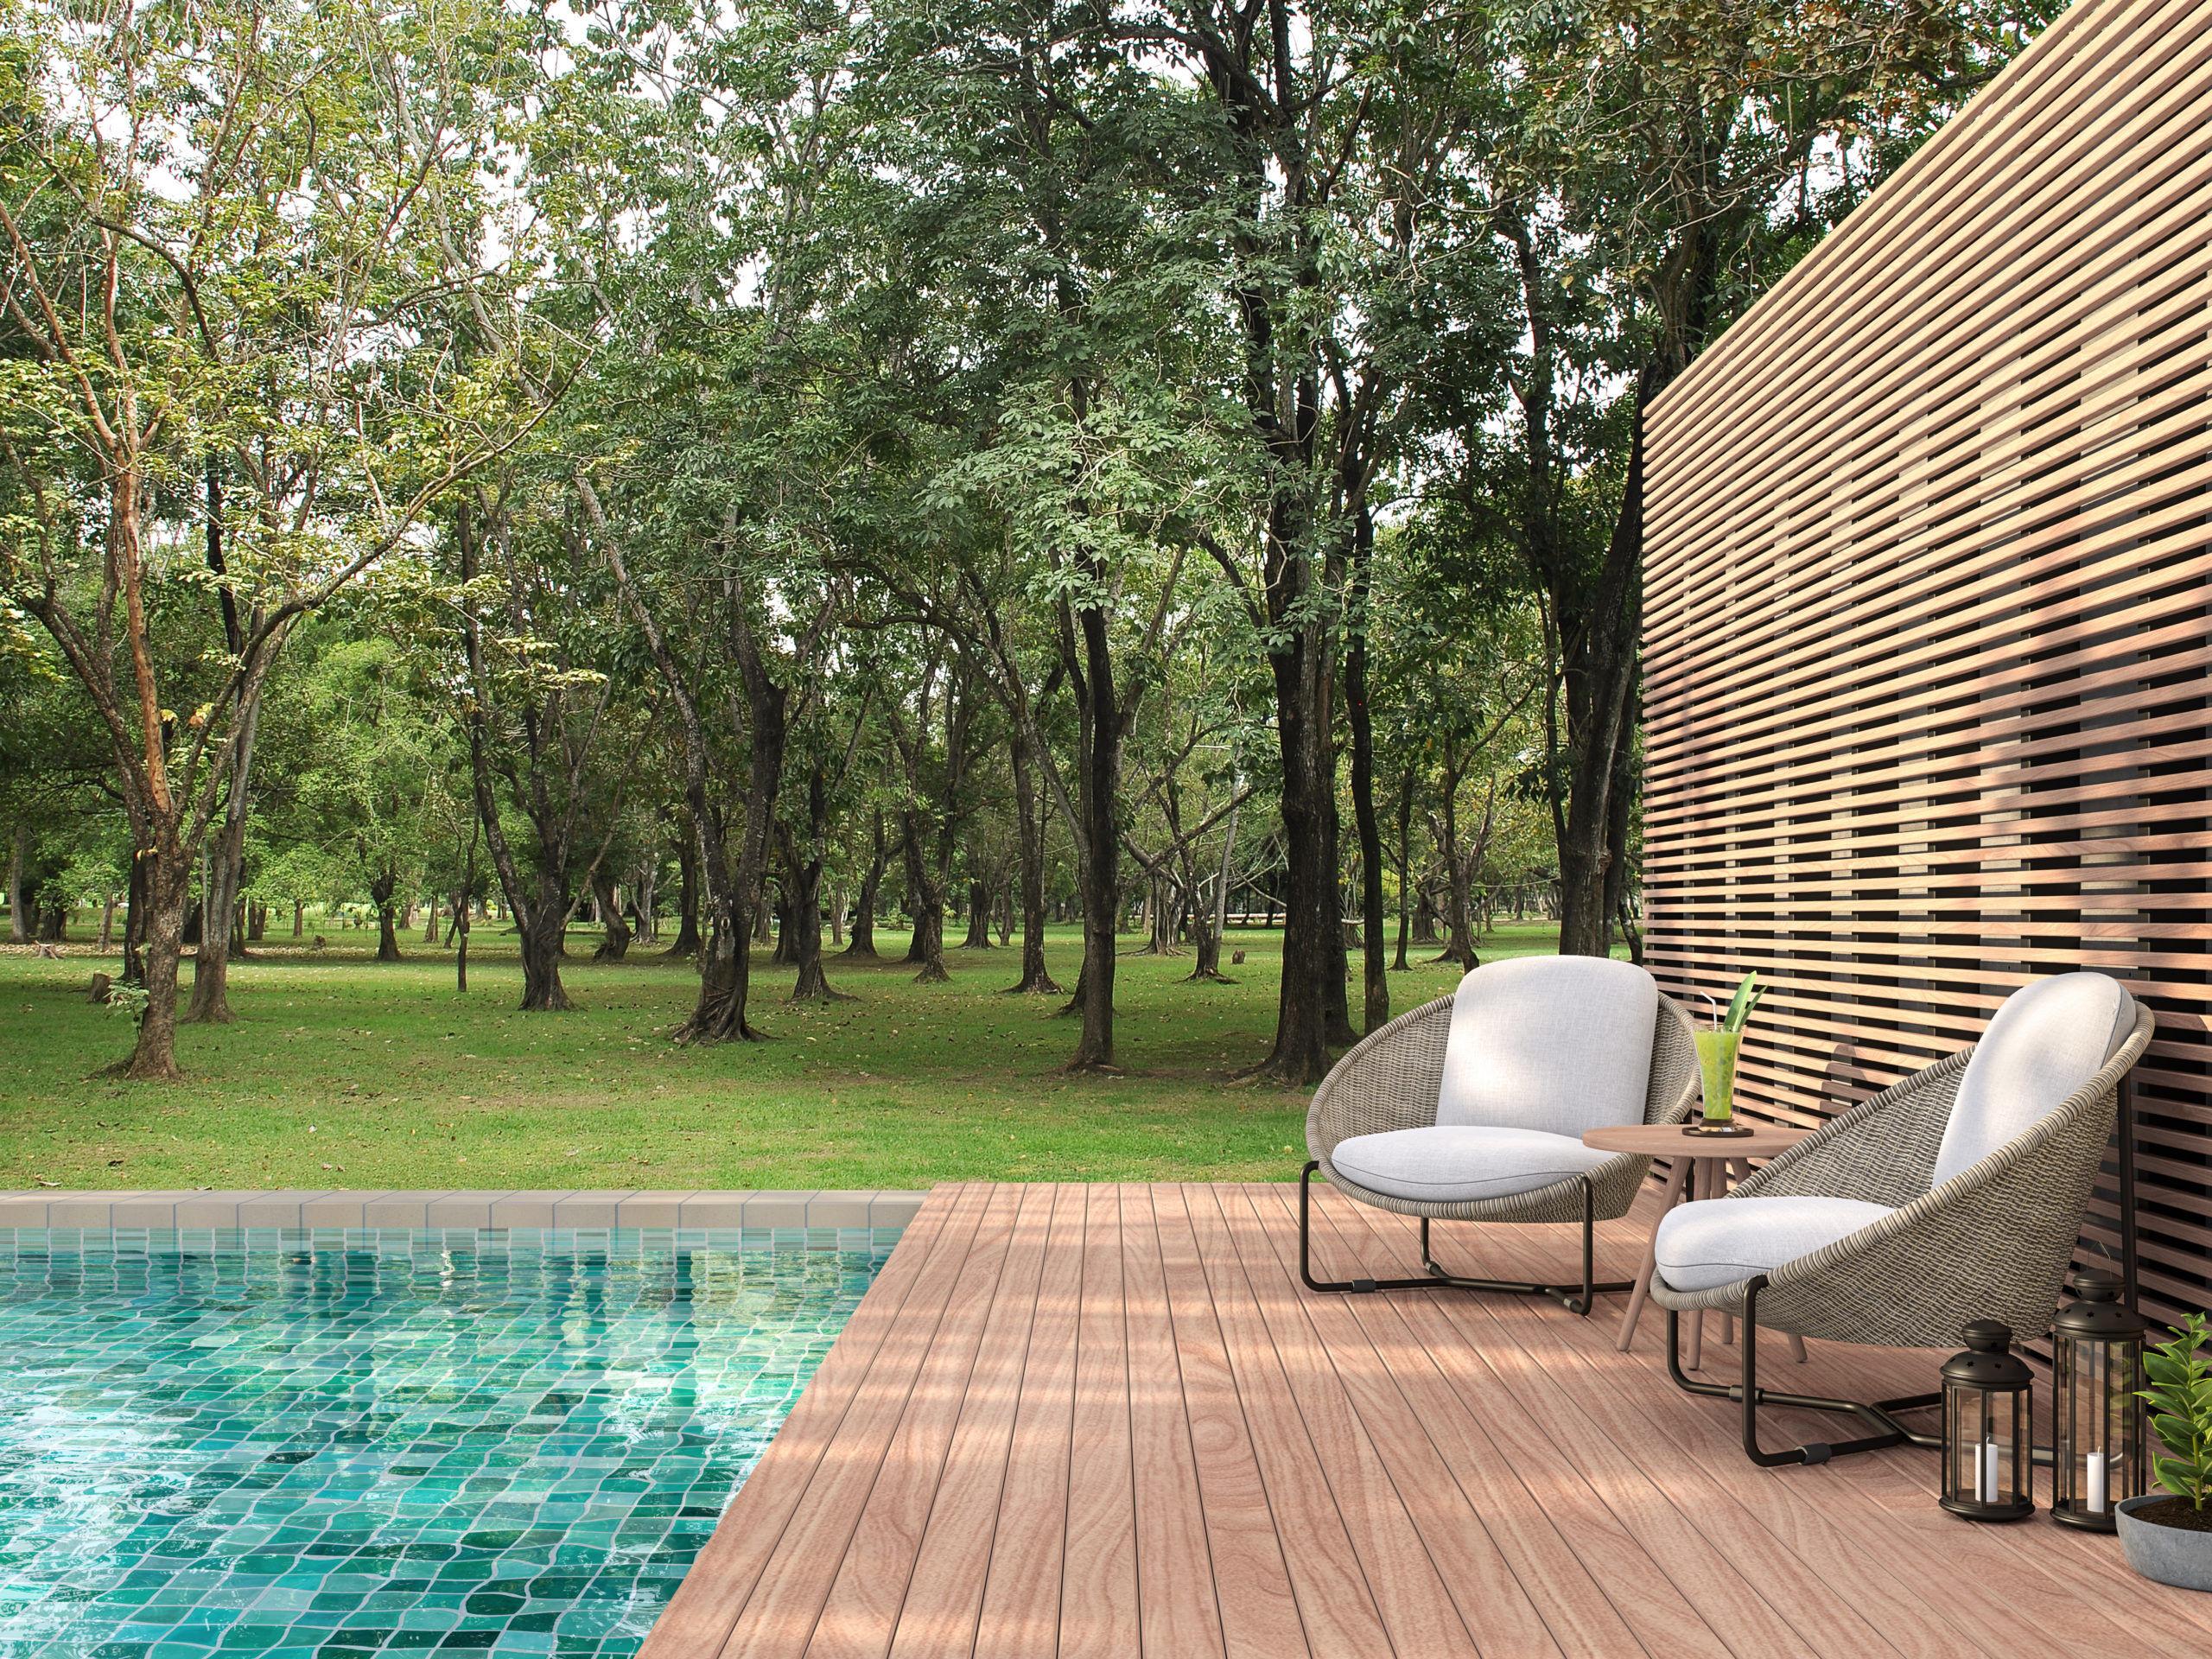 Sa piscine coté nature avec une terrasse en boid